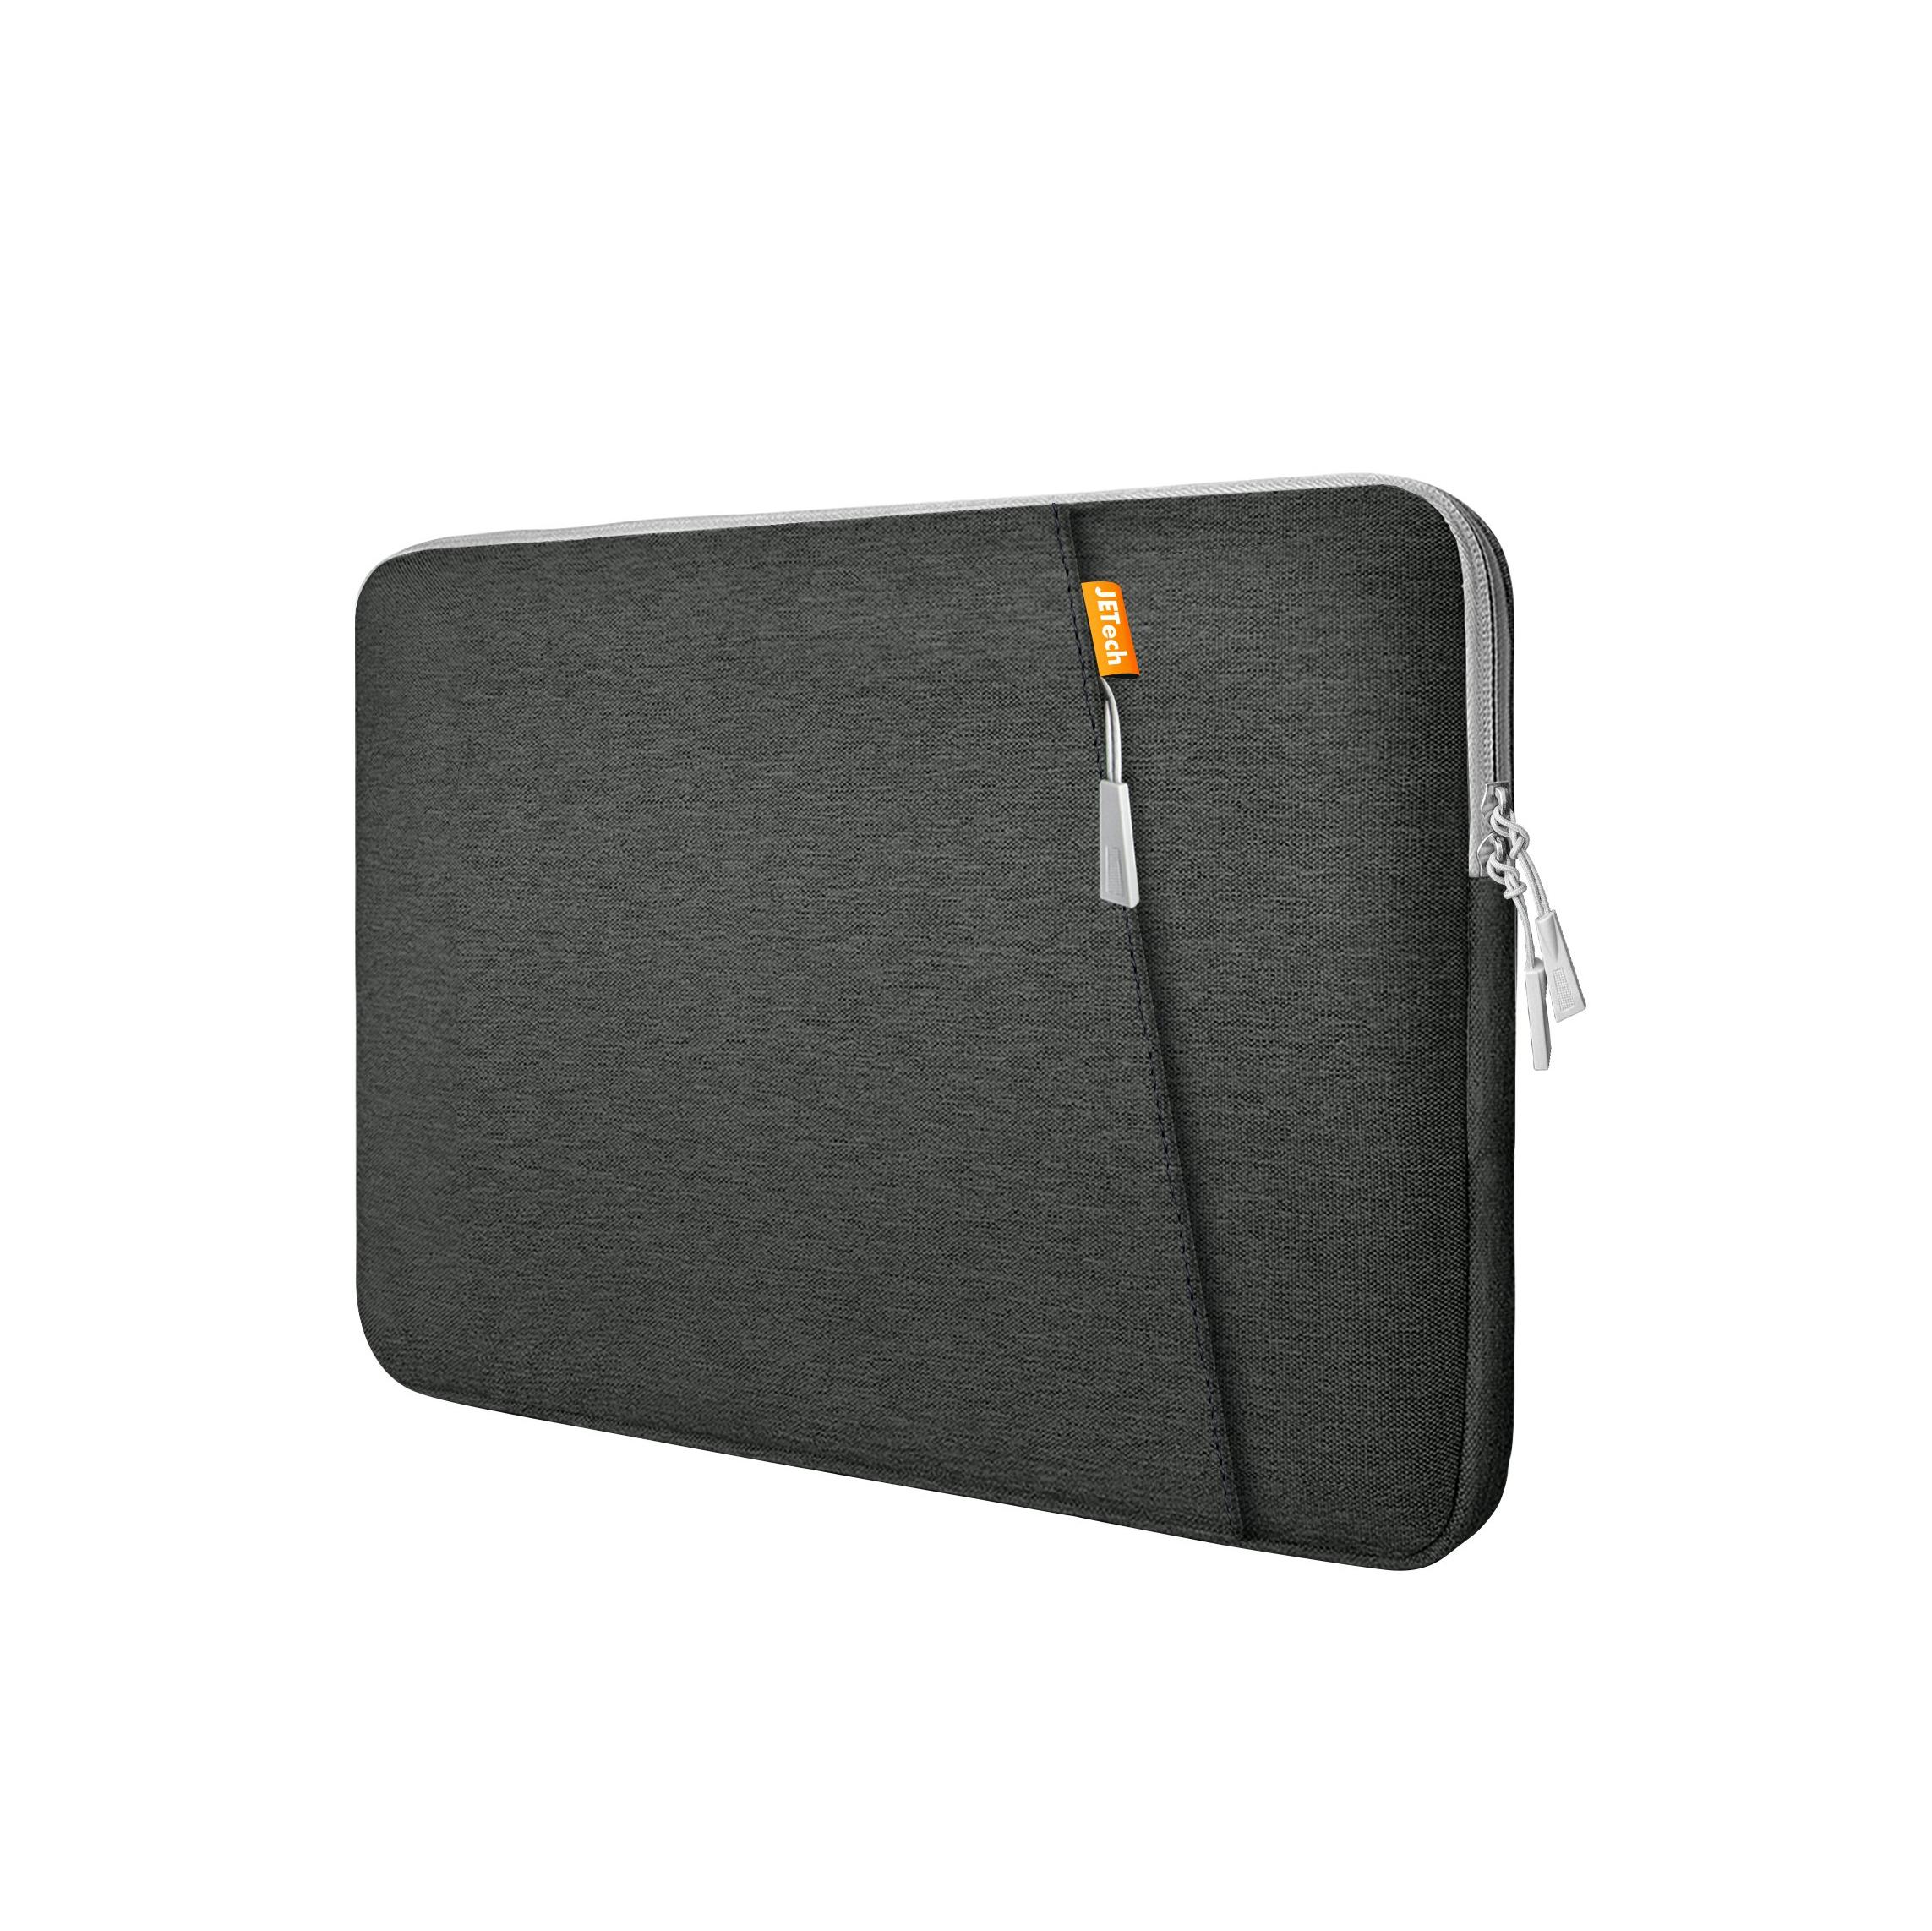 JETech Laptop Sleeve - $12.99+